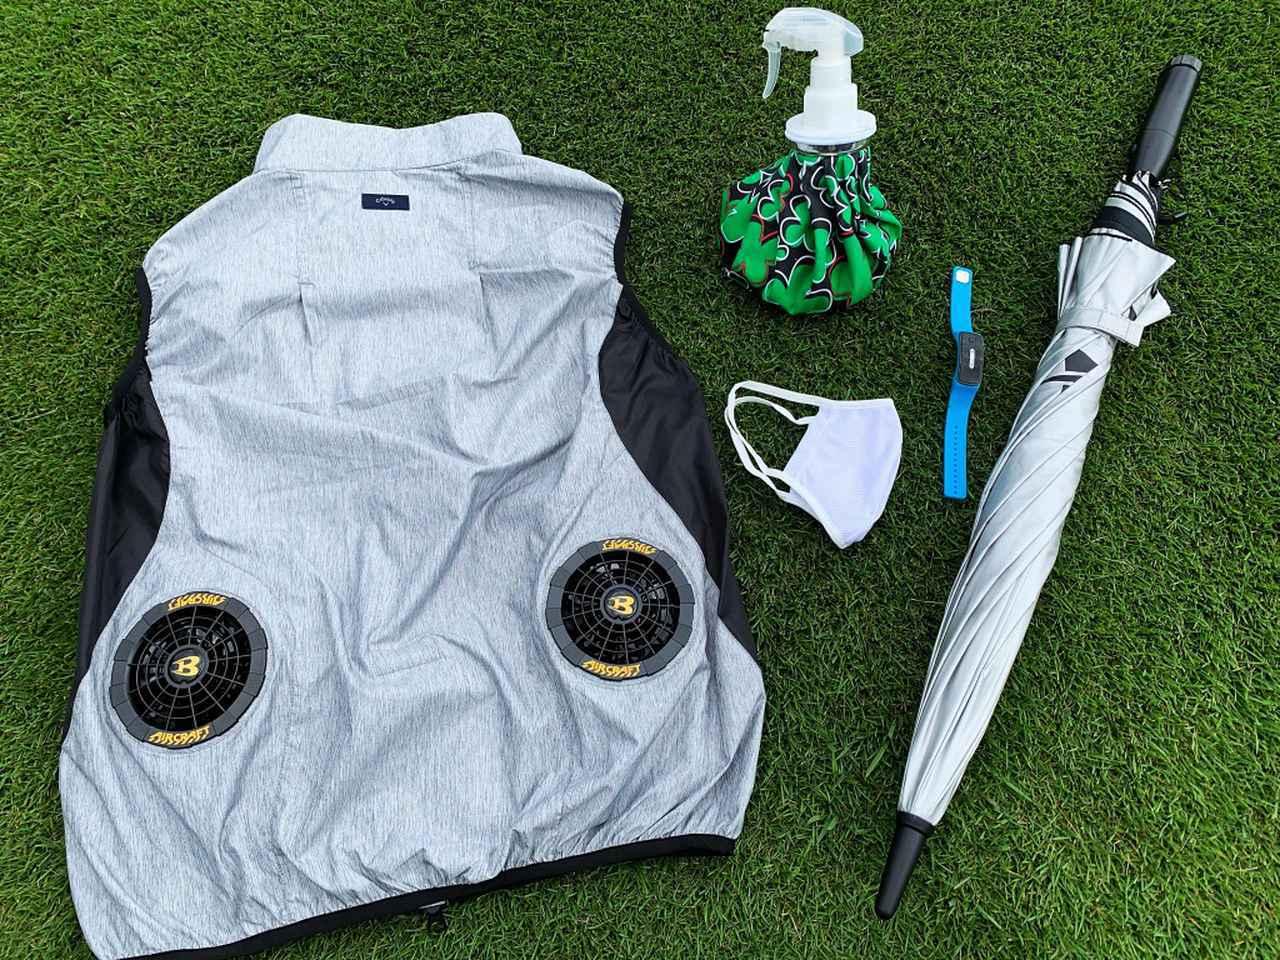 画像: 写真左からファン付ベスト、ミストシャワー氷のう、夏マスク、蚊よけブレスレット、ファン付き銀バリ傘